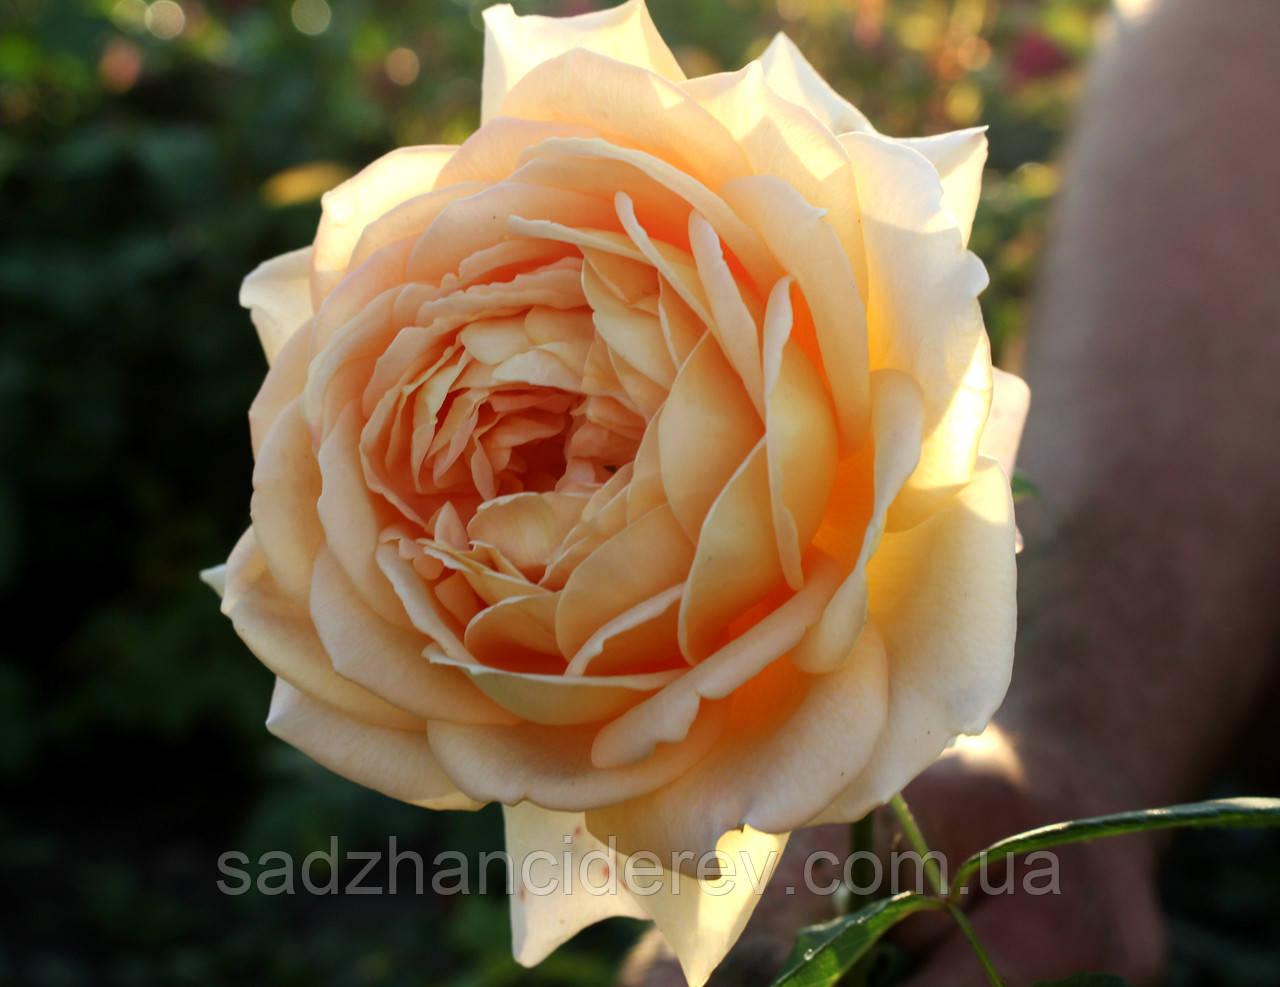 Саджанці троянд Голден Селебрейшн (Golden Celebration)